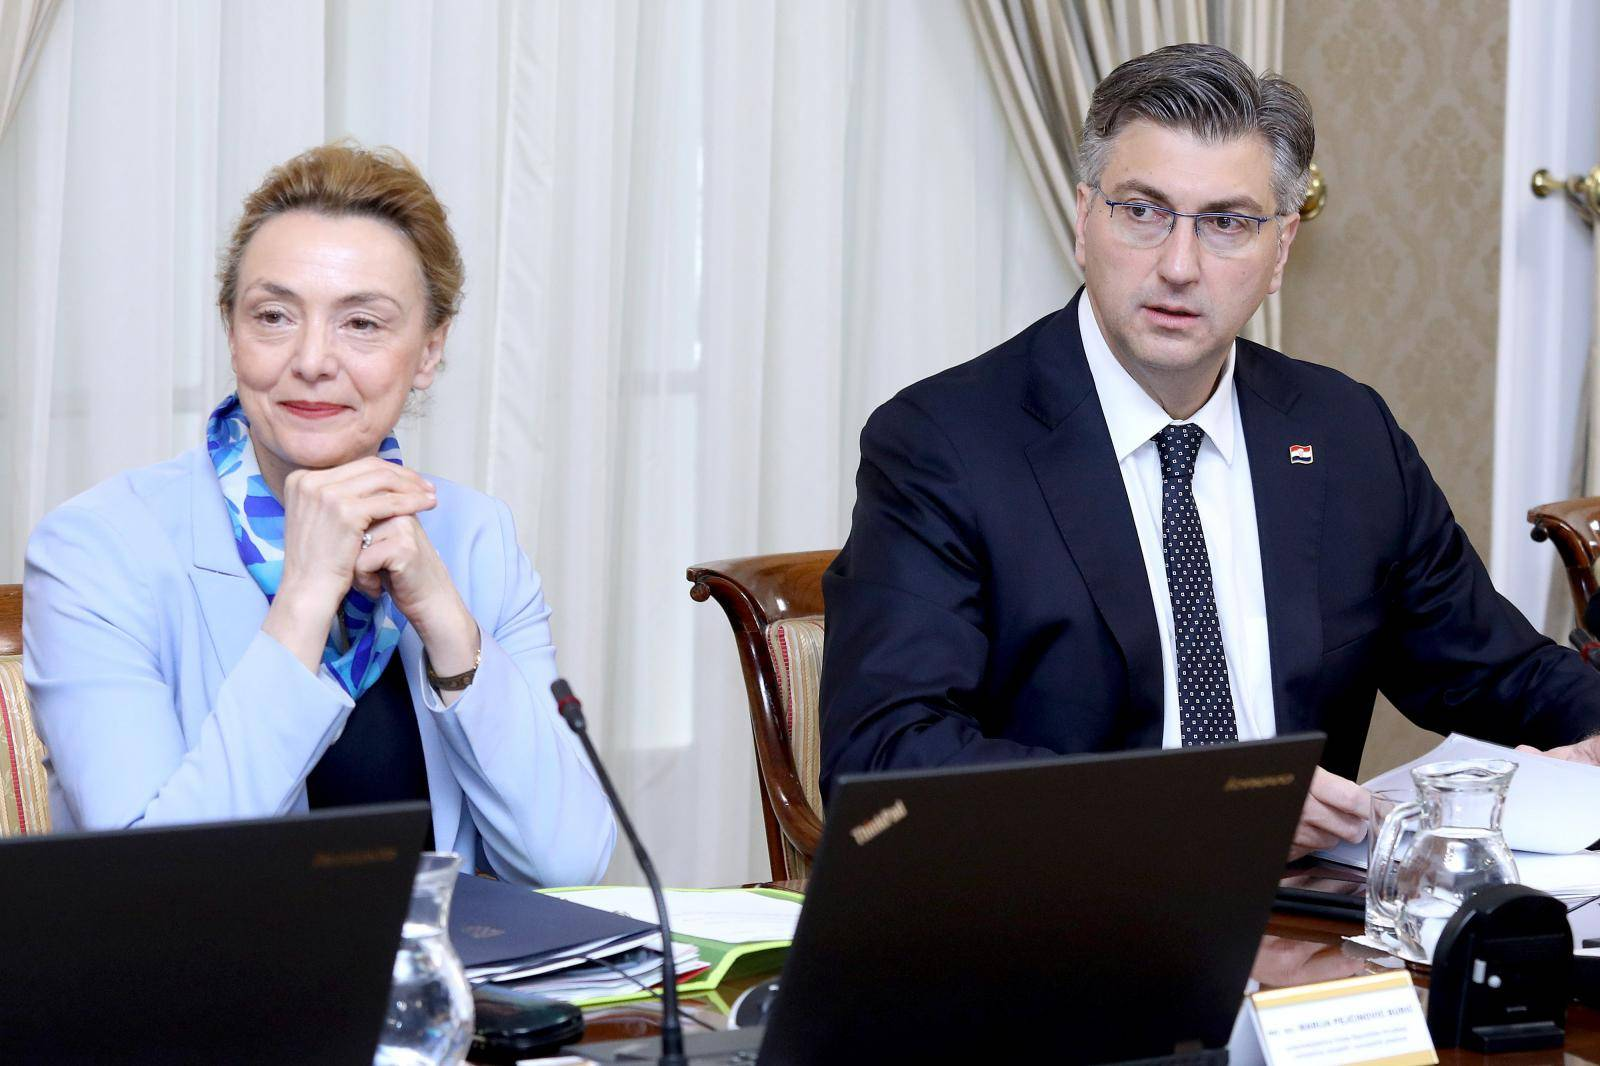 Zapljeskali Burić: To je najveći diplomatski uspjeh u 30 godina